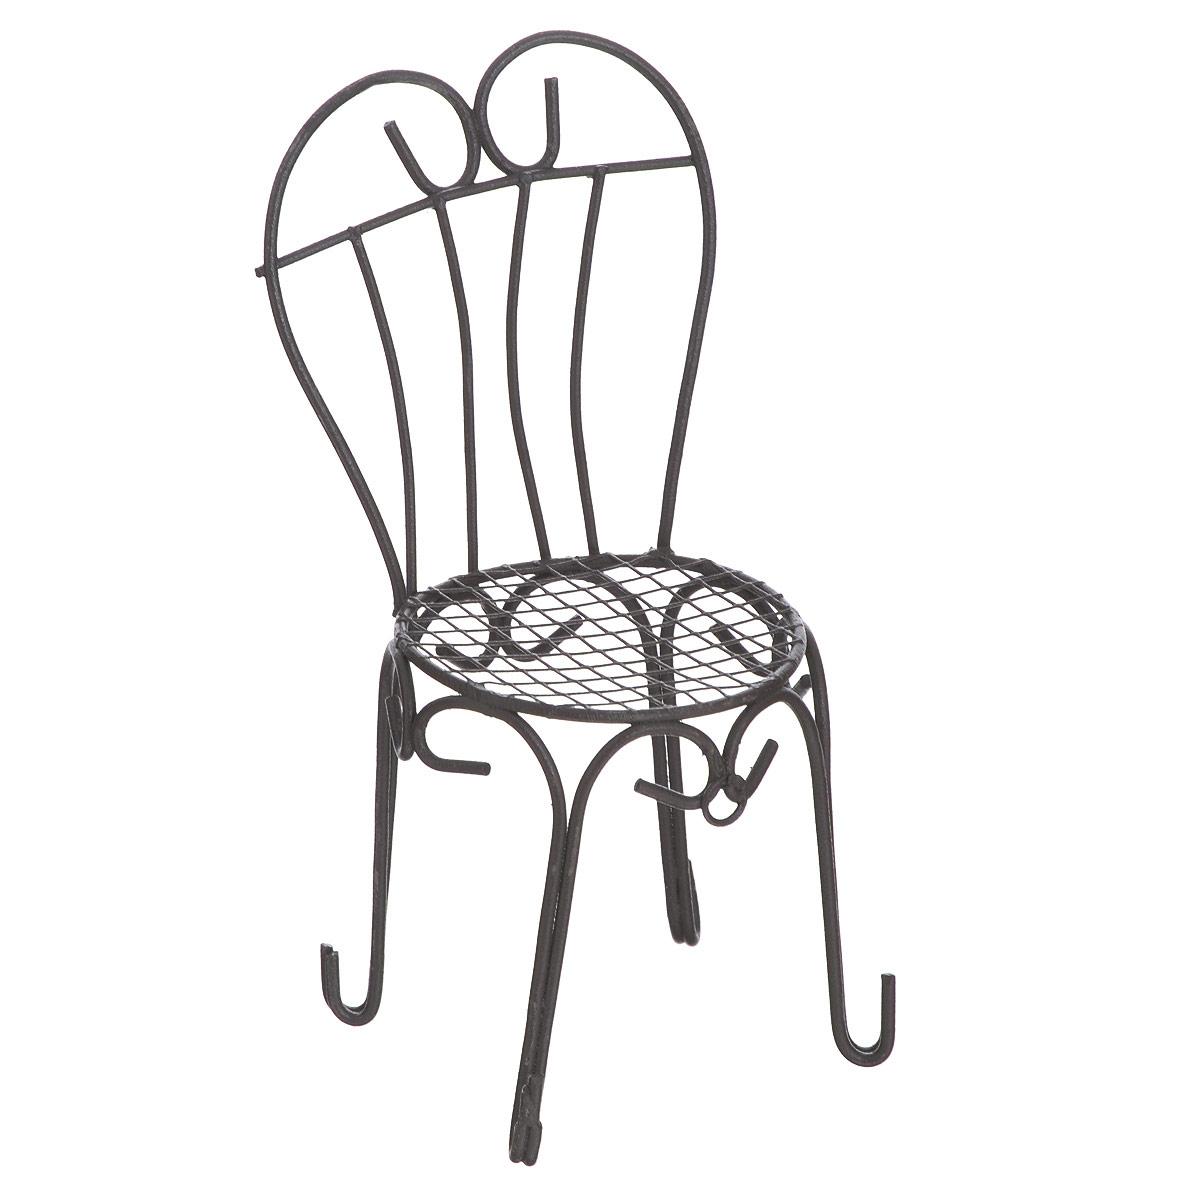 Миниатюра кукольная ScrapBerrys Стул с сердцевидной спинкойSCB271014Миниатюра кукольная ScrapBerrys Стул с сердцевидной спинкой изготовлена из металла в виде стула со спинкой в виде сердца.Такая миниатюра прекрасно подойдет для декорирования кукольных домиков, а также для оформления работ в самых различных техниках, для презентации трехмерных изображений или предметов.Кукольная миниатюра представляет собой целый мир с собственной модой, историей и законами. В нашей стране кукольная и историческая миниатюра только набирает популярность, тогда как в других государствах уже сложились целые традиции по созданию миниатюр. Создание миниатюр сводится к правильному подбору всех элементов интерьера согласно сюжетному и историческому контексту. Очень часто наборы кукольных миниатюр передается от поколения к поколению. И порой такие коллекции - далеко не детская забава, а настоящее серьезное хобби для взрослых. Стильные, красивые маленькие вещички и аксессуары интересно расставлять по своим местам, создавая необычные исторические, фантазийные и классические инсталляции различных эпох.